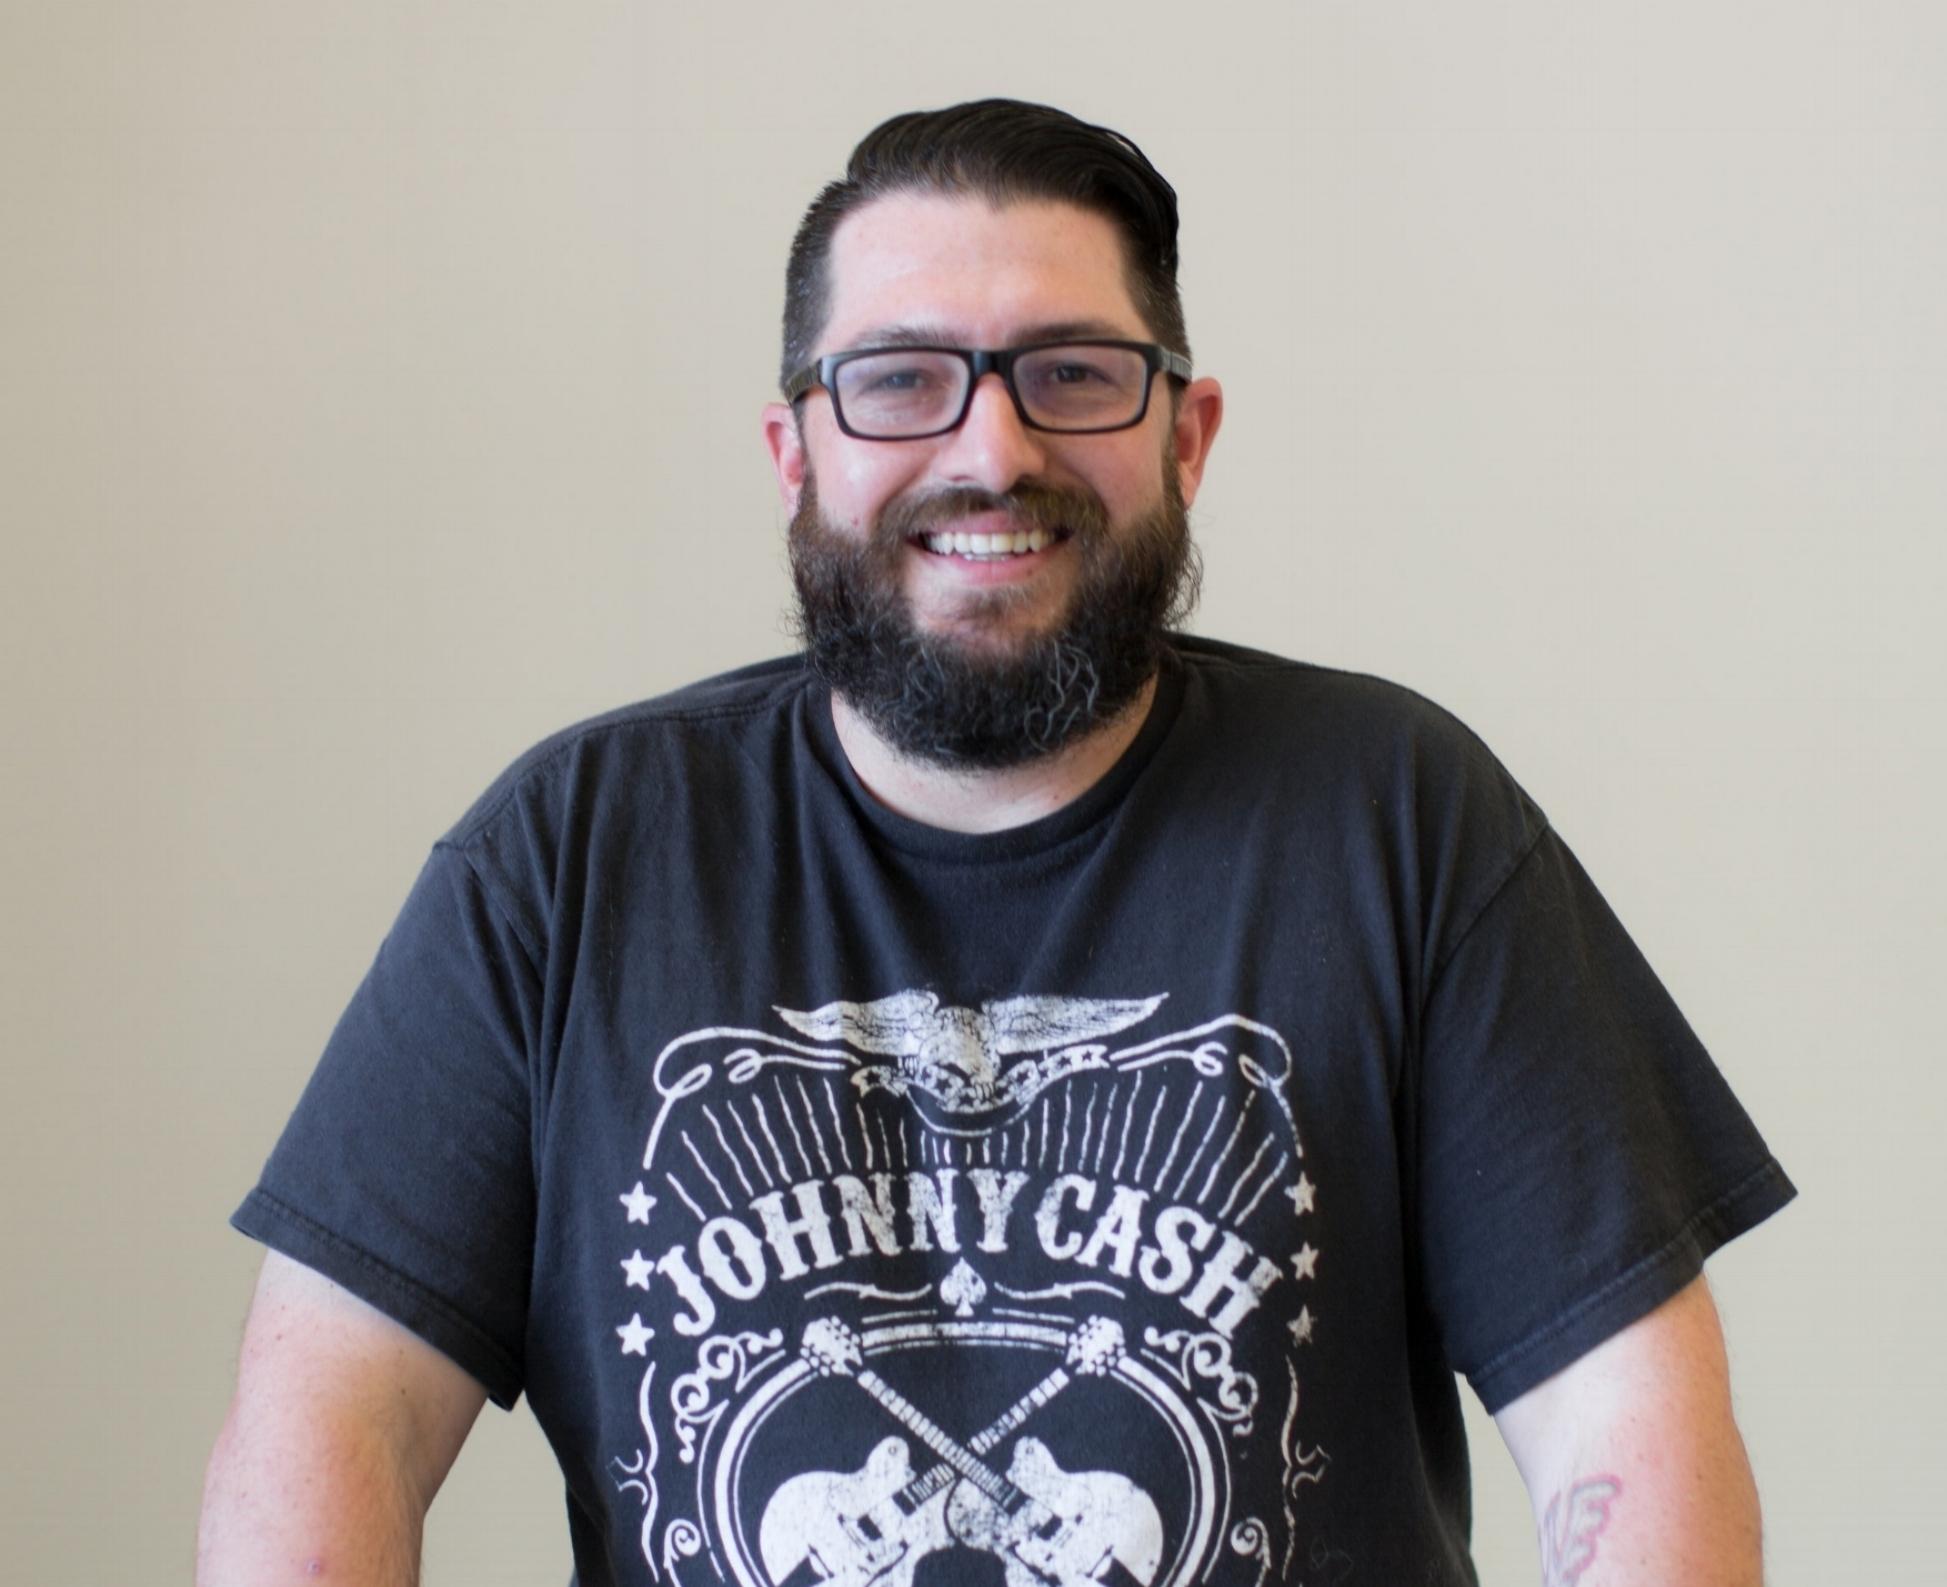 Head Chef - Chris Zettlemoyer